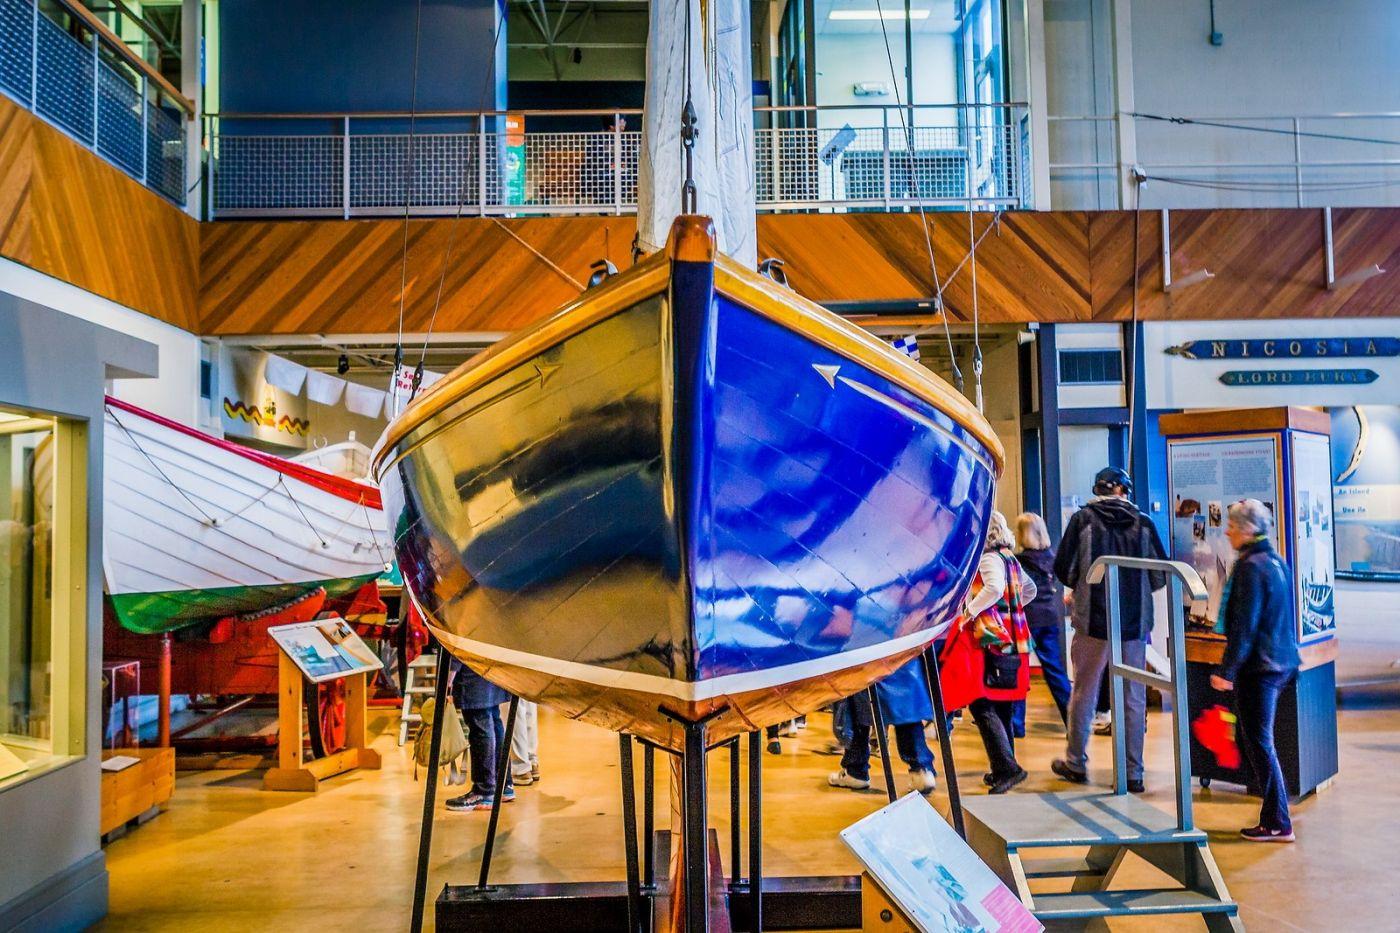 加拿大哈利法克斯(Halifax)大西洋海事博物馆_图1-35